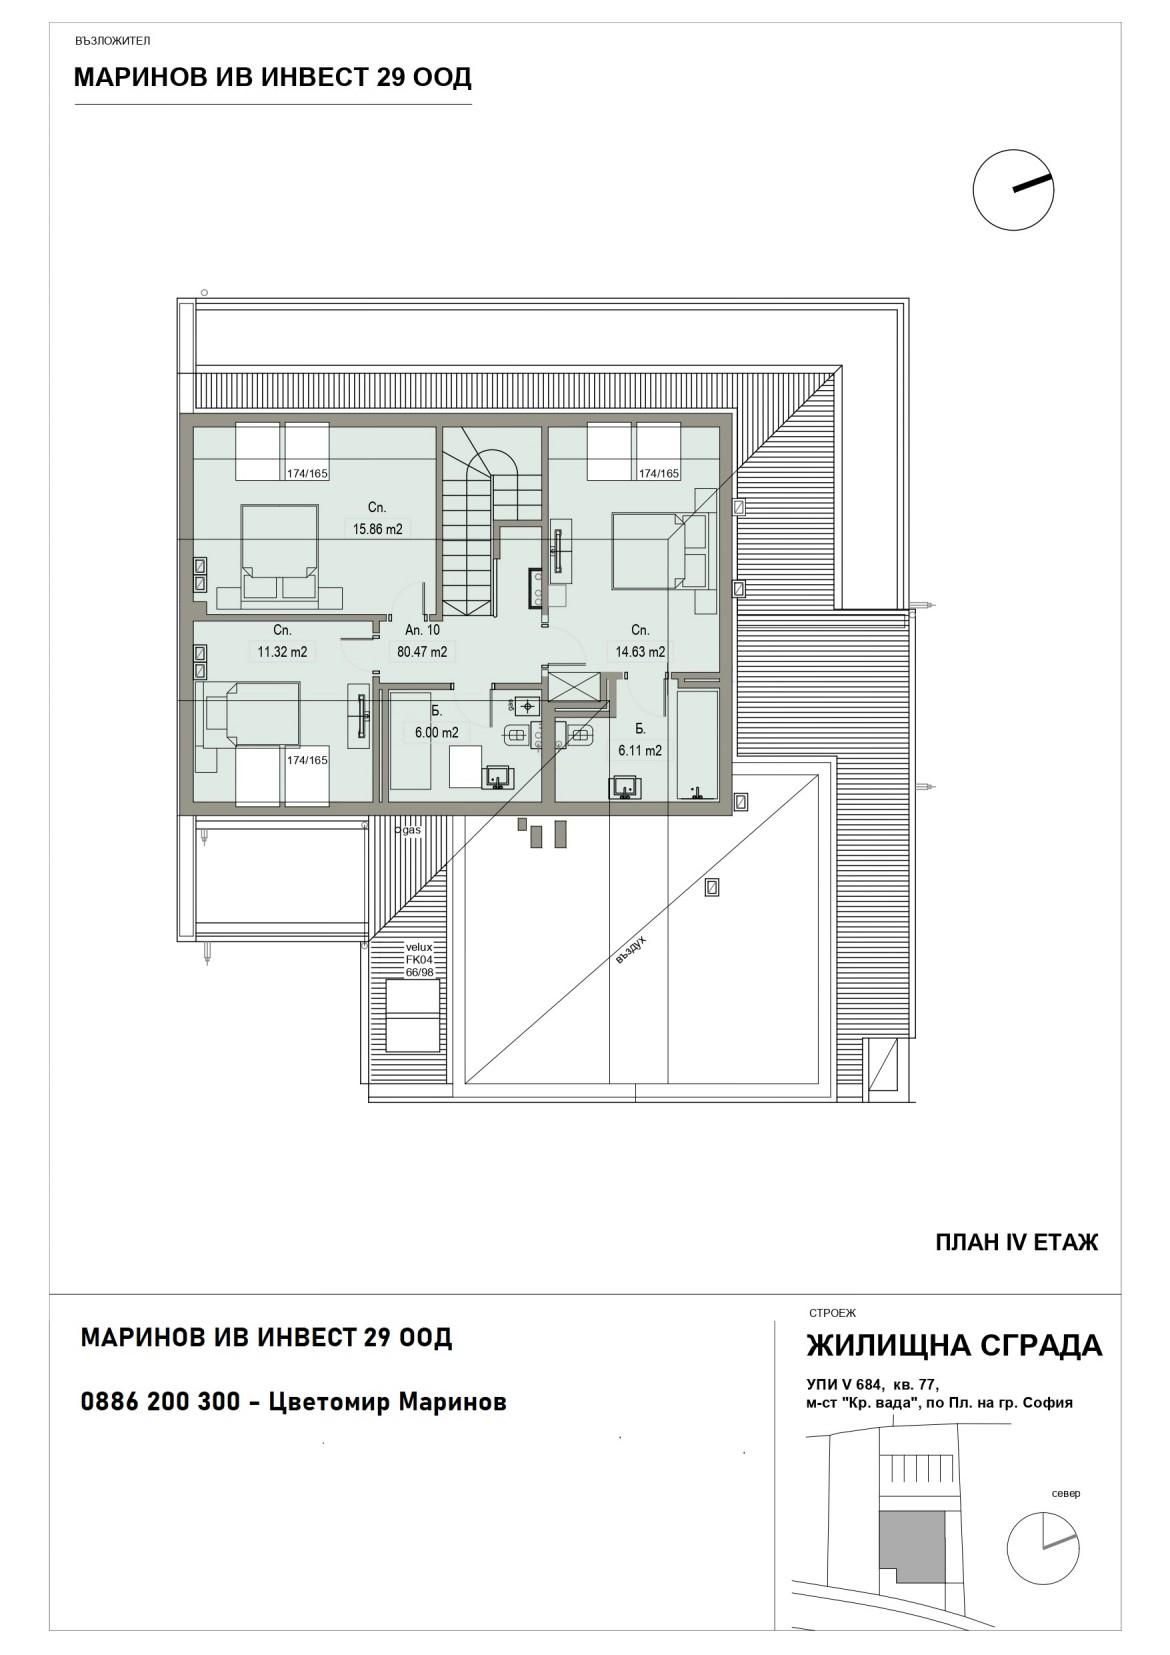 4-жилищен-етаж.jpg